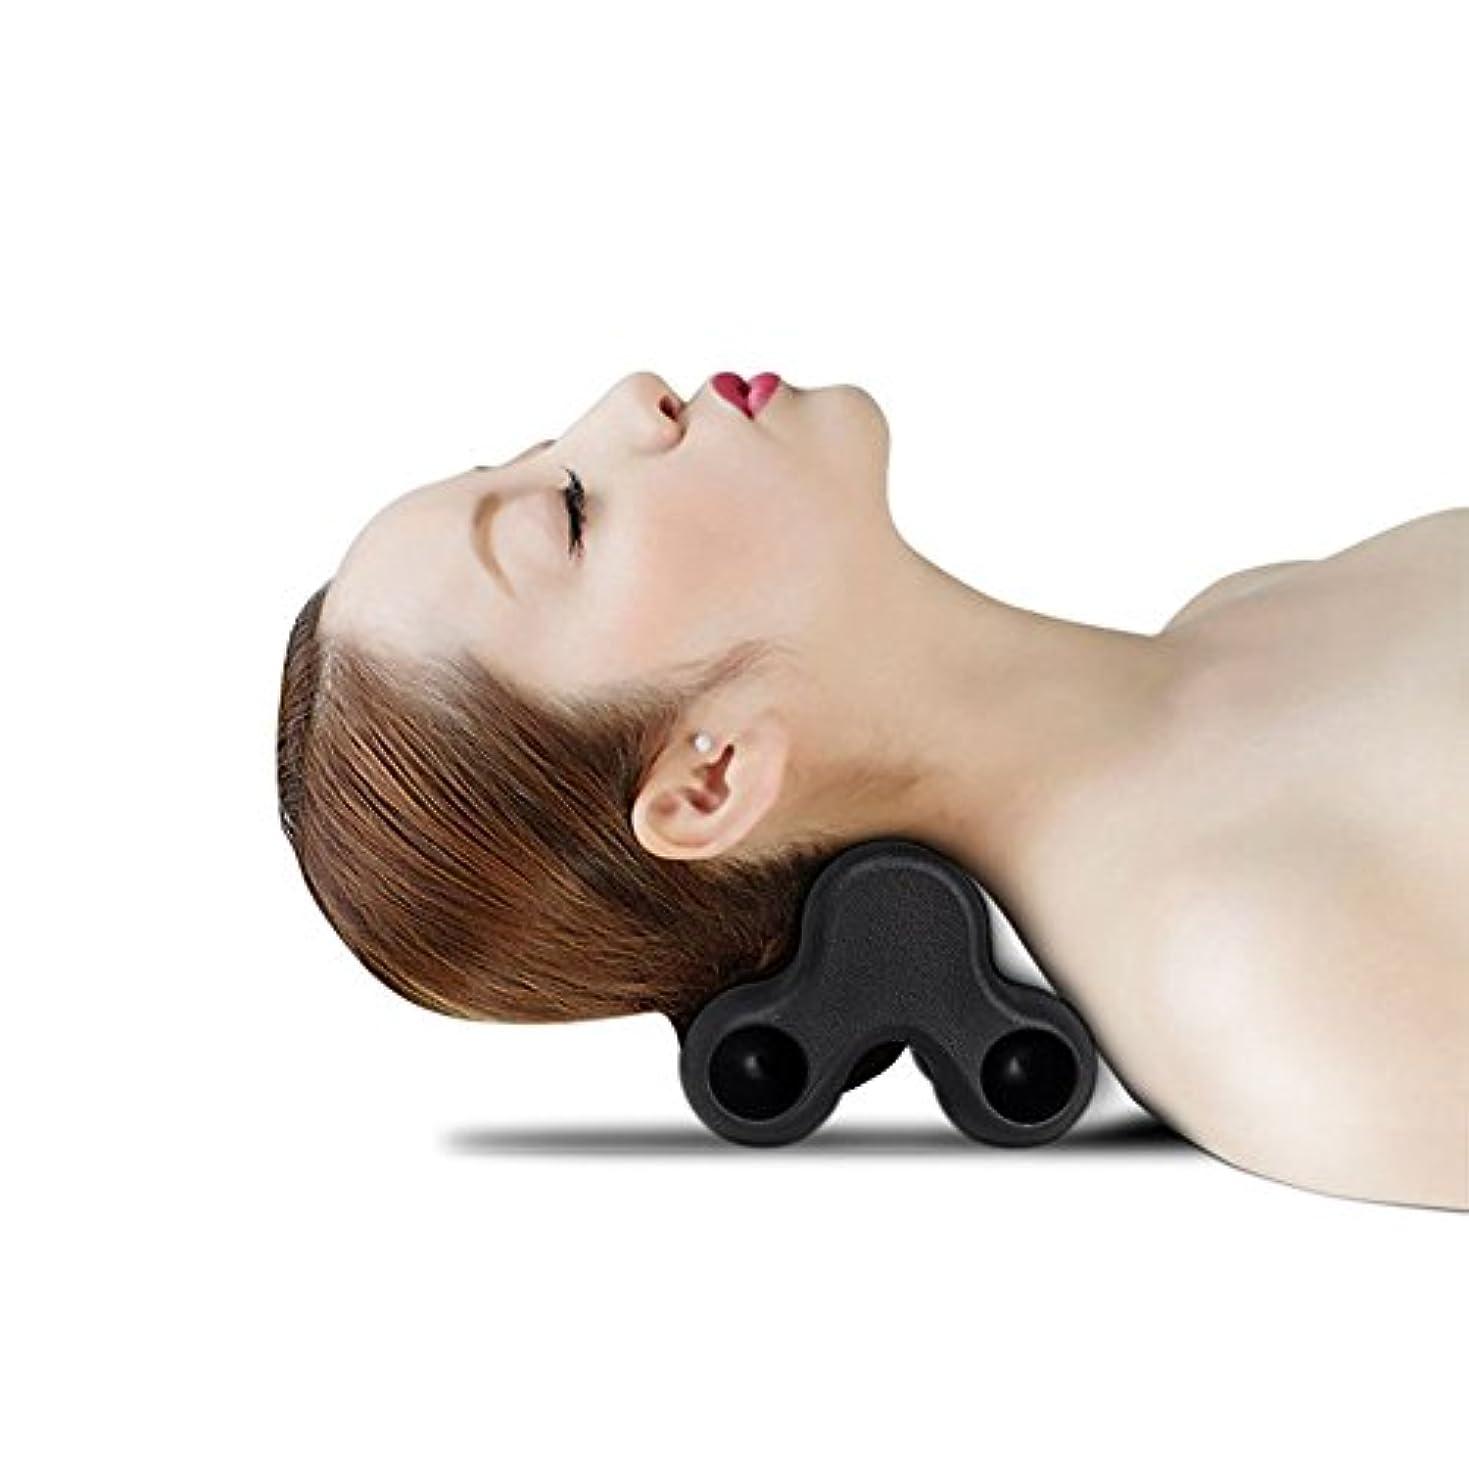 クリープマイナス機知に富んだSYNC ツボ押し グリグリ 強力 マッサージ 枕 指圧感 ピロー ツボ 多用途 (ブラック)